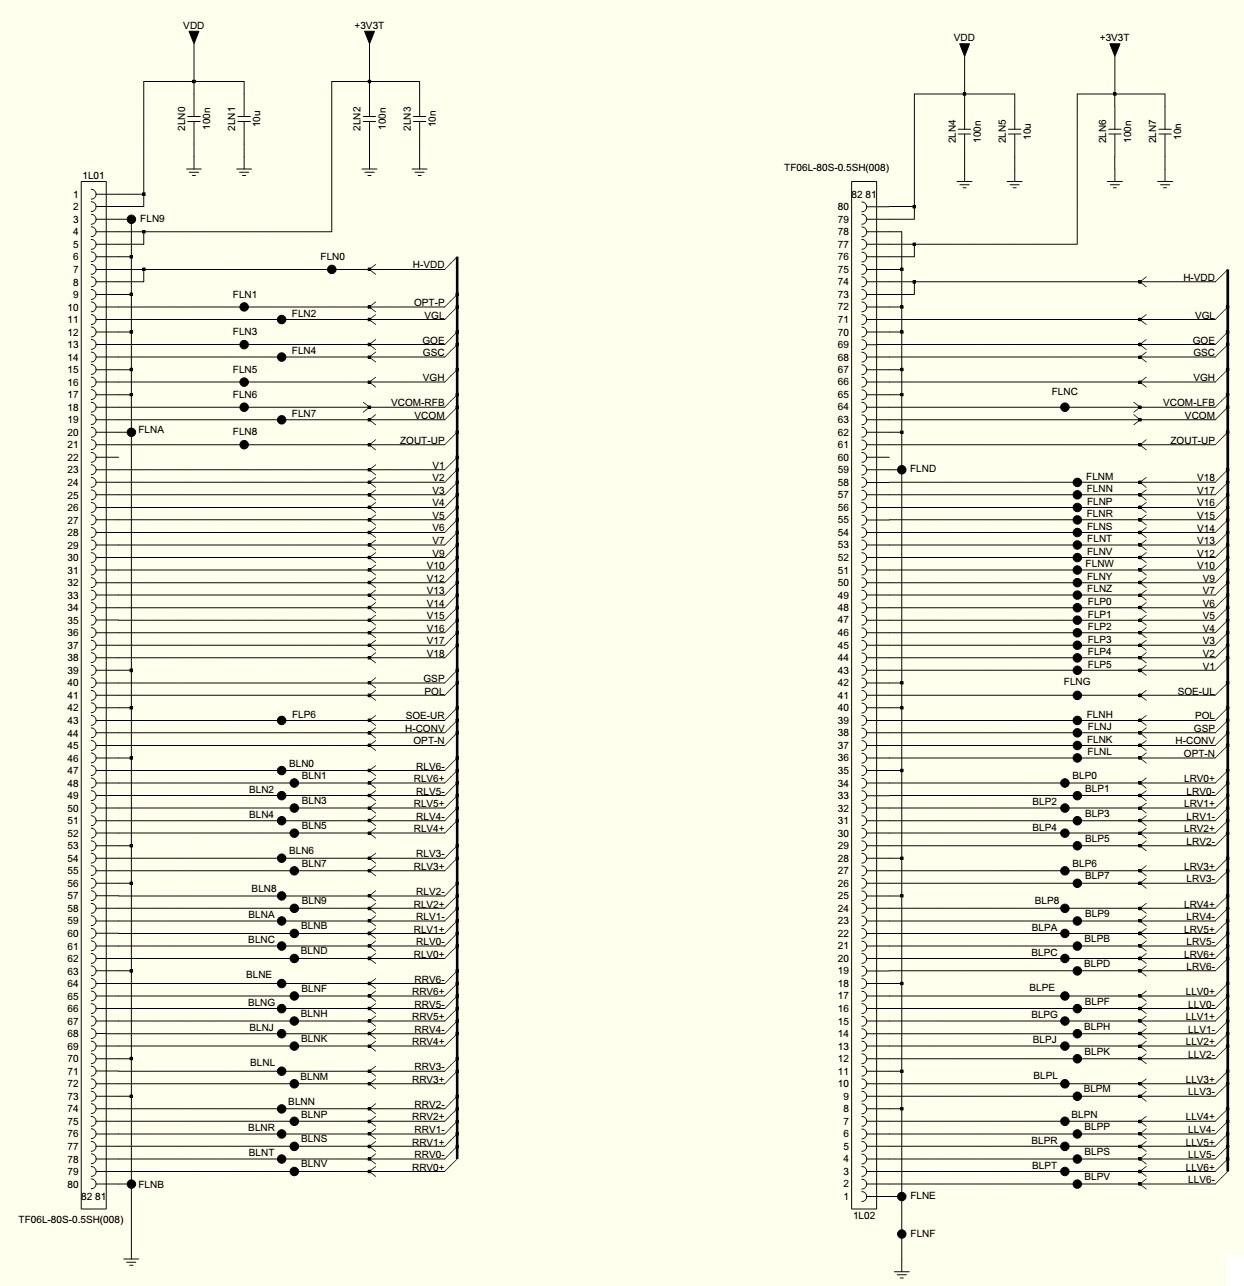 T Con Board Block Diagram - Wiring Diagram Img